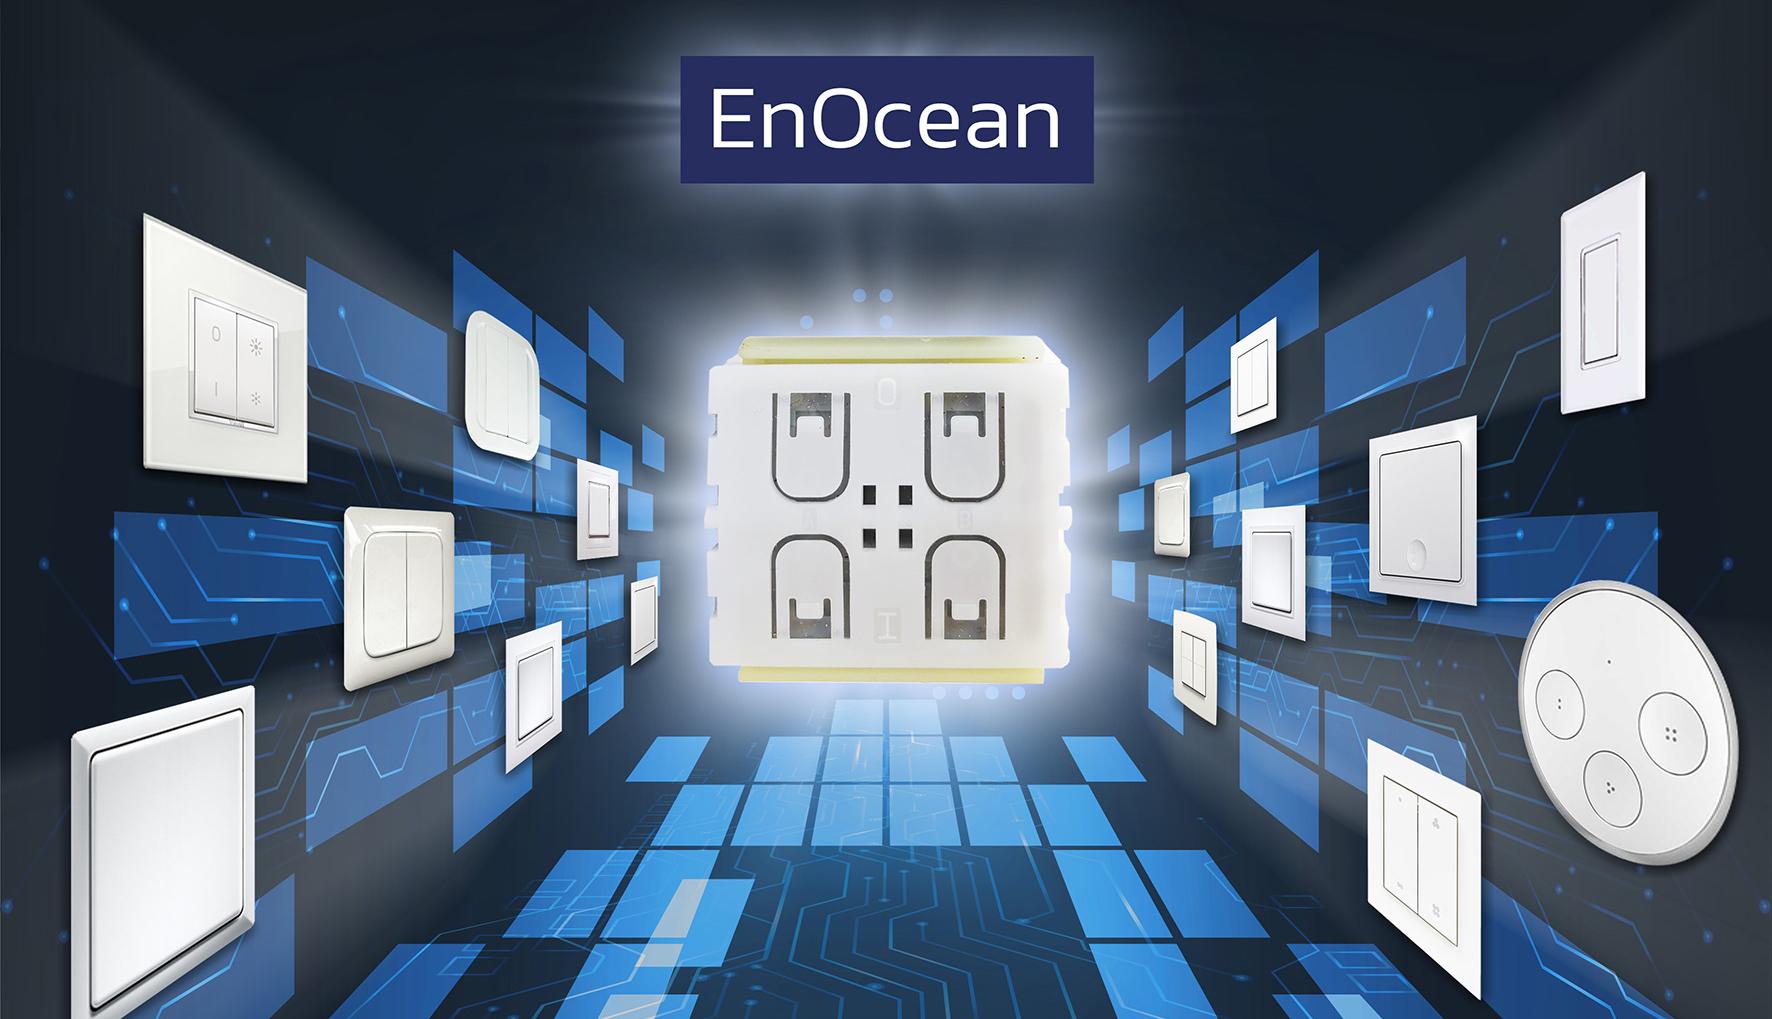 La technologie sans fil sans pile EnOcean fête ses 20 ans !